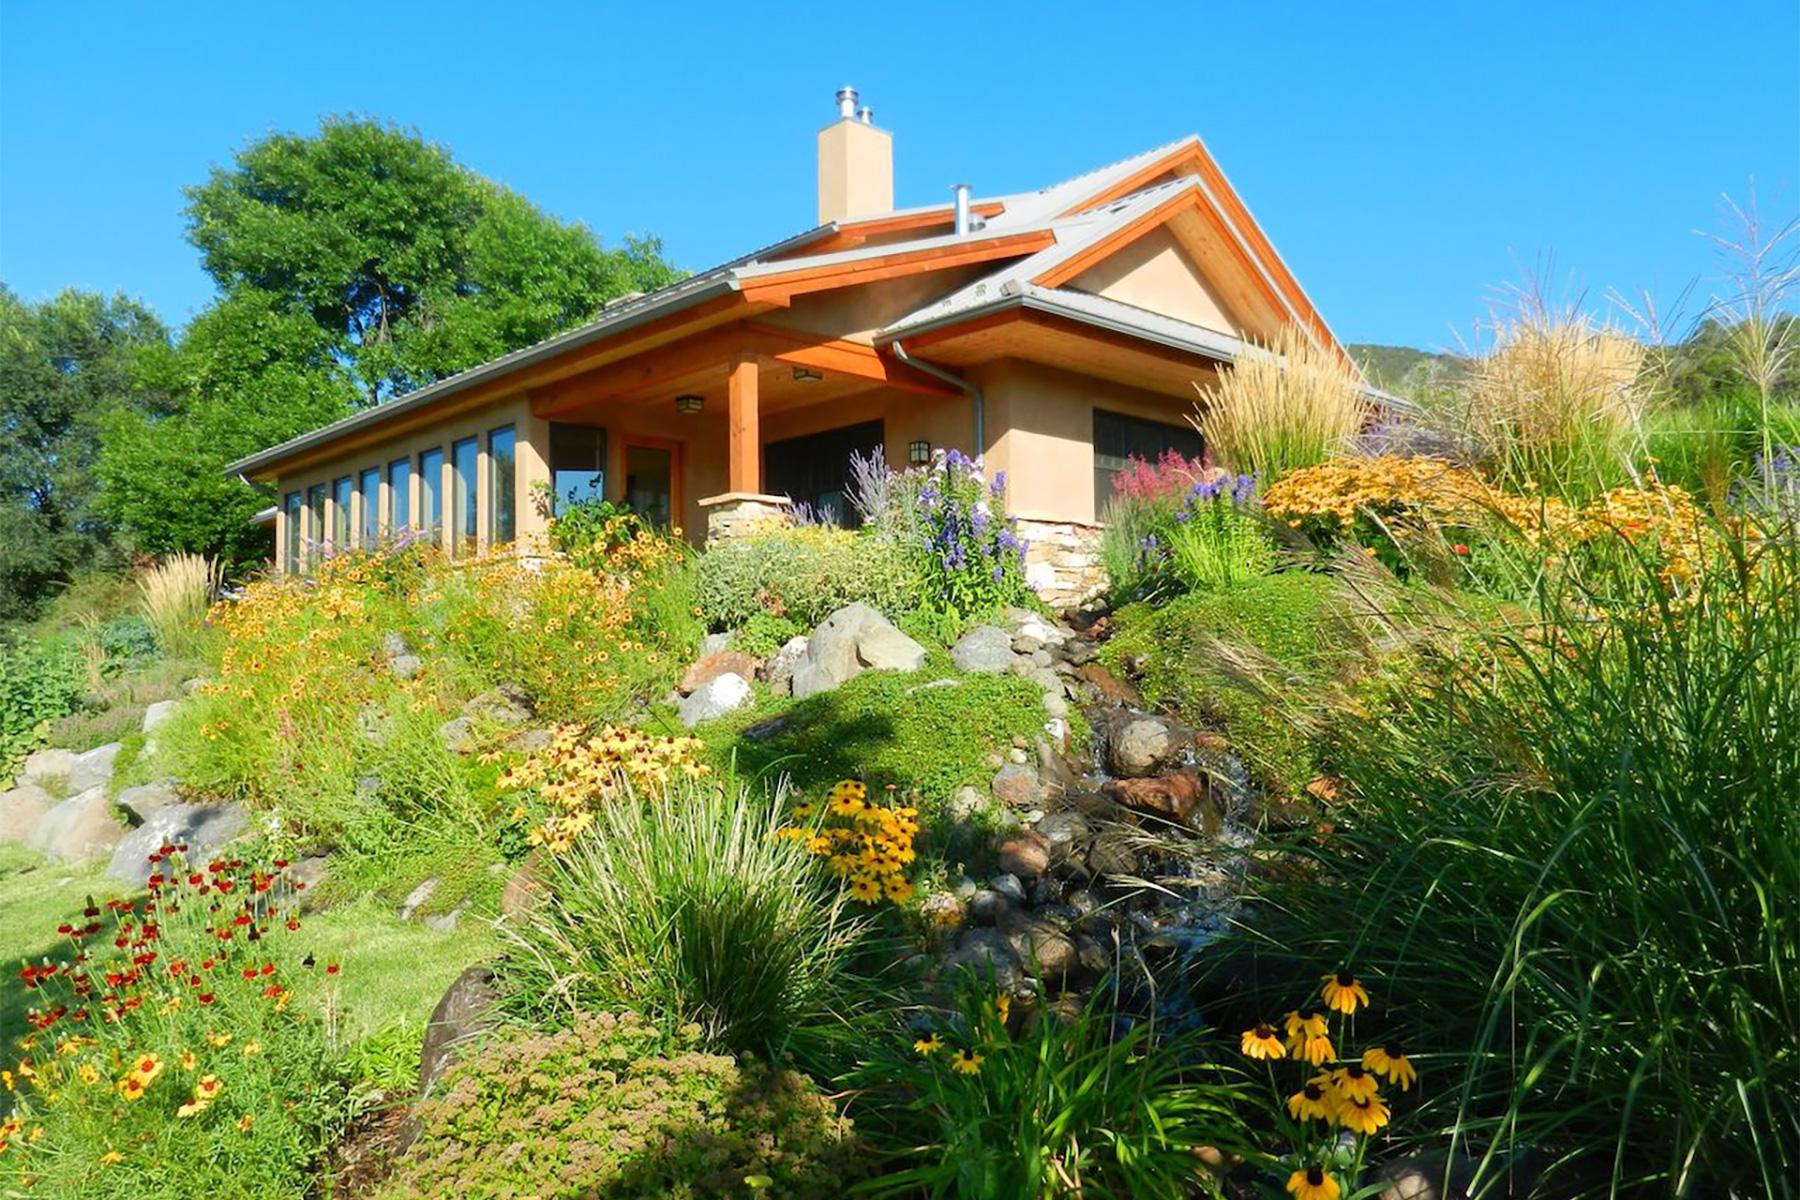 Maison unifamiliale pour l Vente à Neelu Bindu Farm 15631 Fire Mountain Road Paonia, Colorado 81428 États-Unis